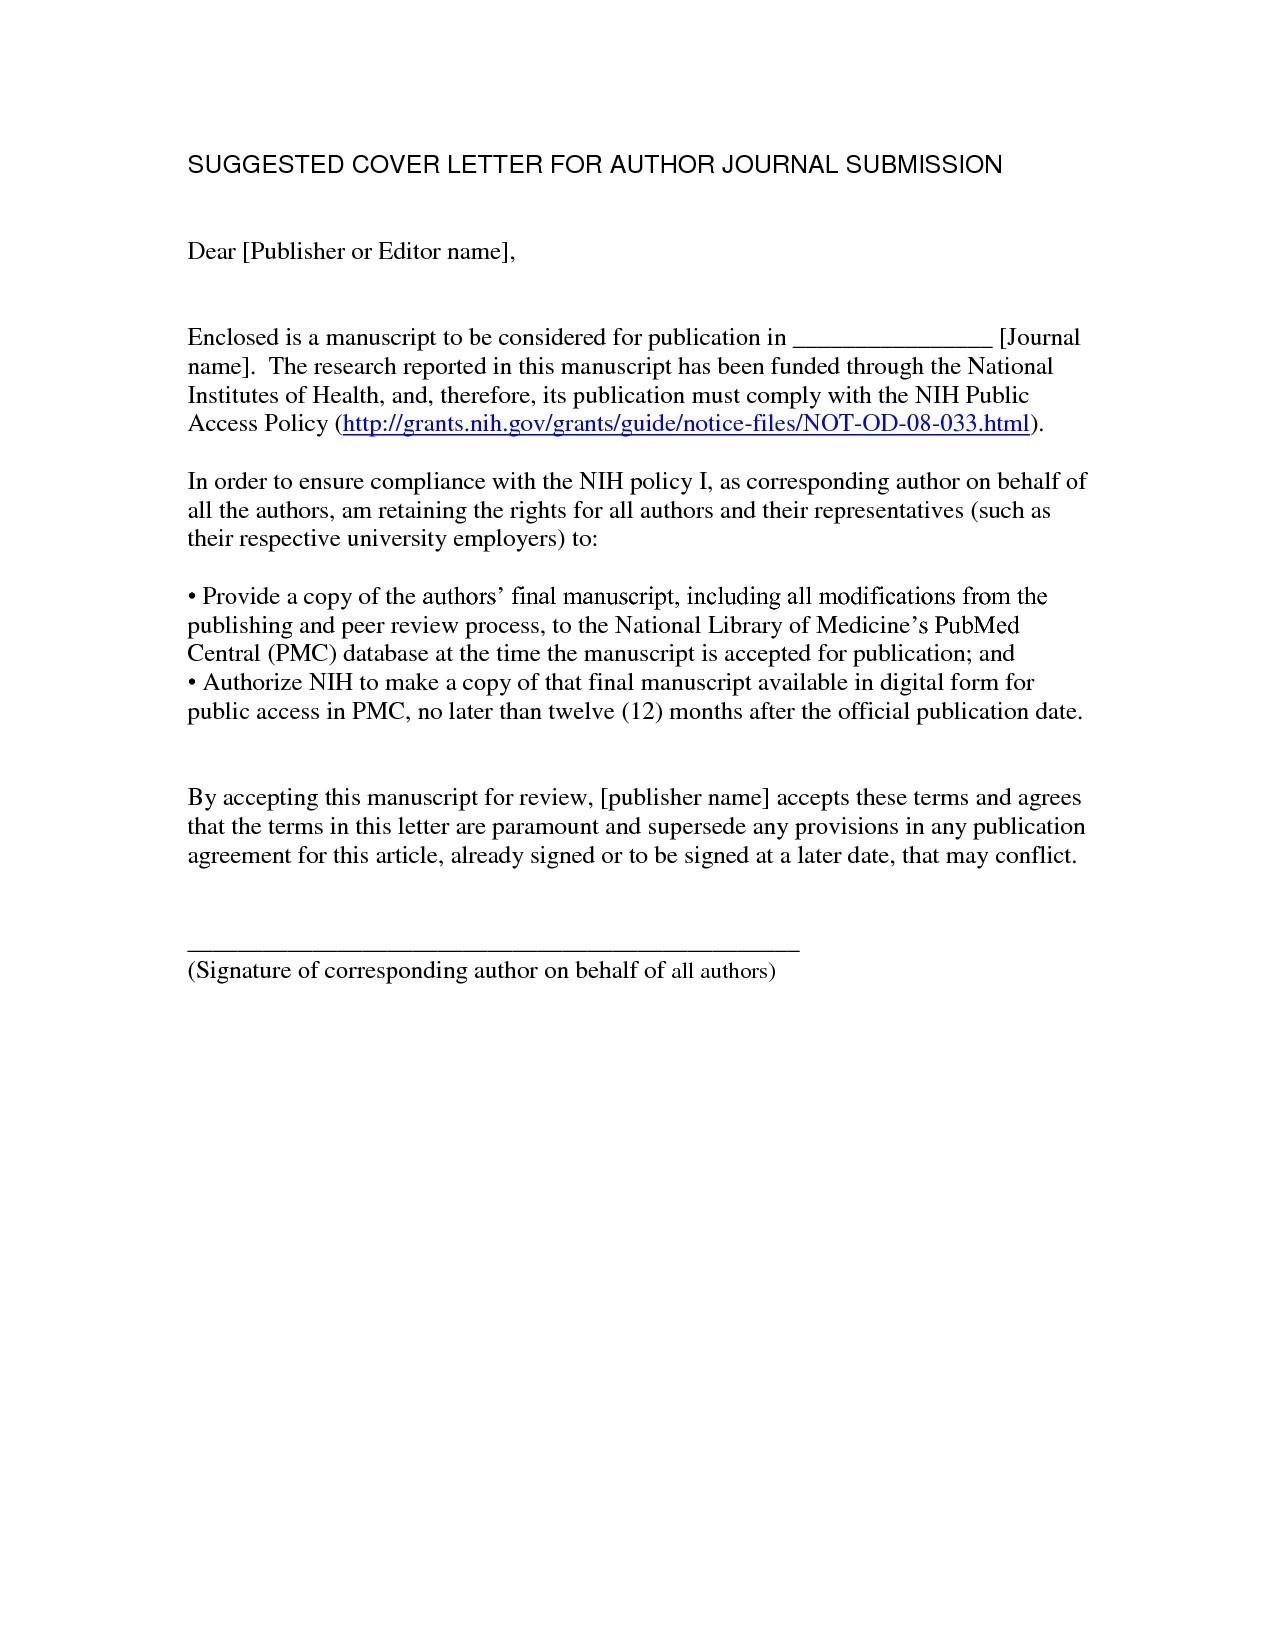 Tn Visa Offer Letter Template - Tn Visa Employer Letter Example New Business Letter format Method